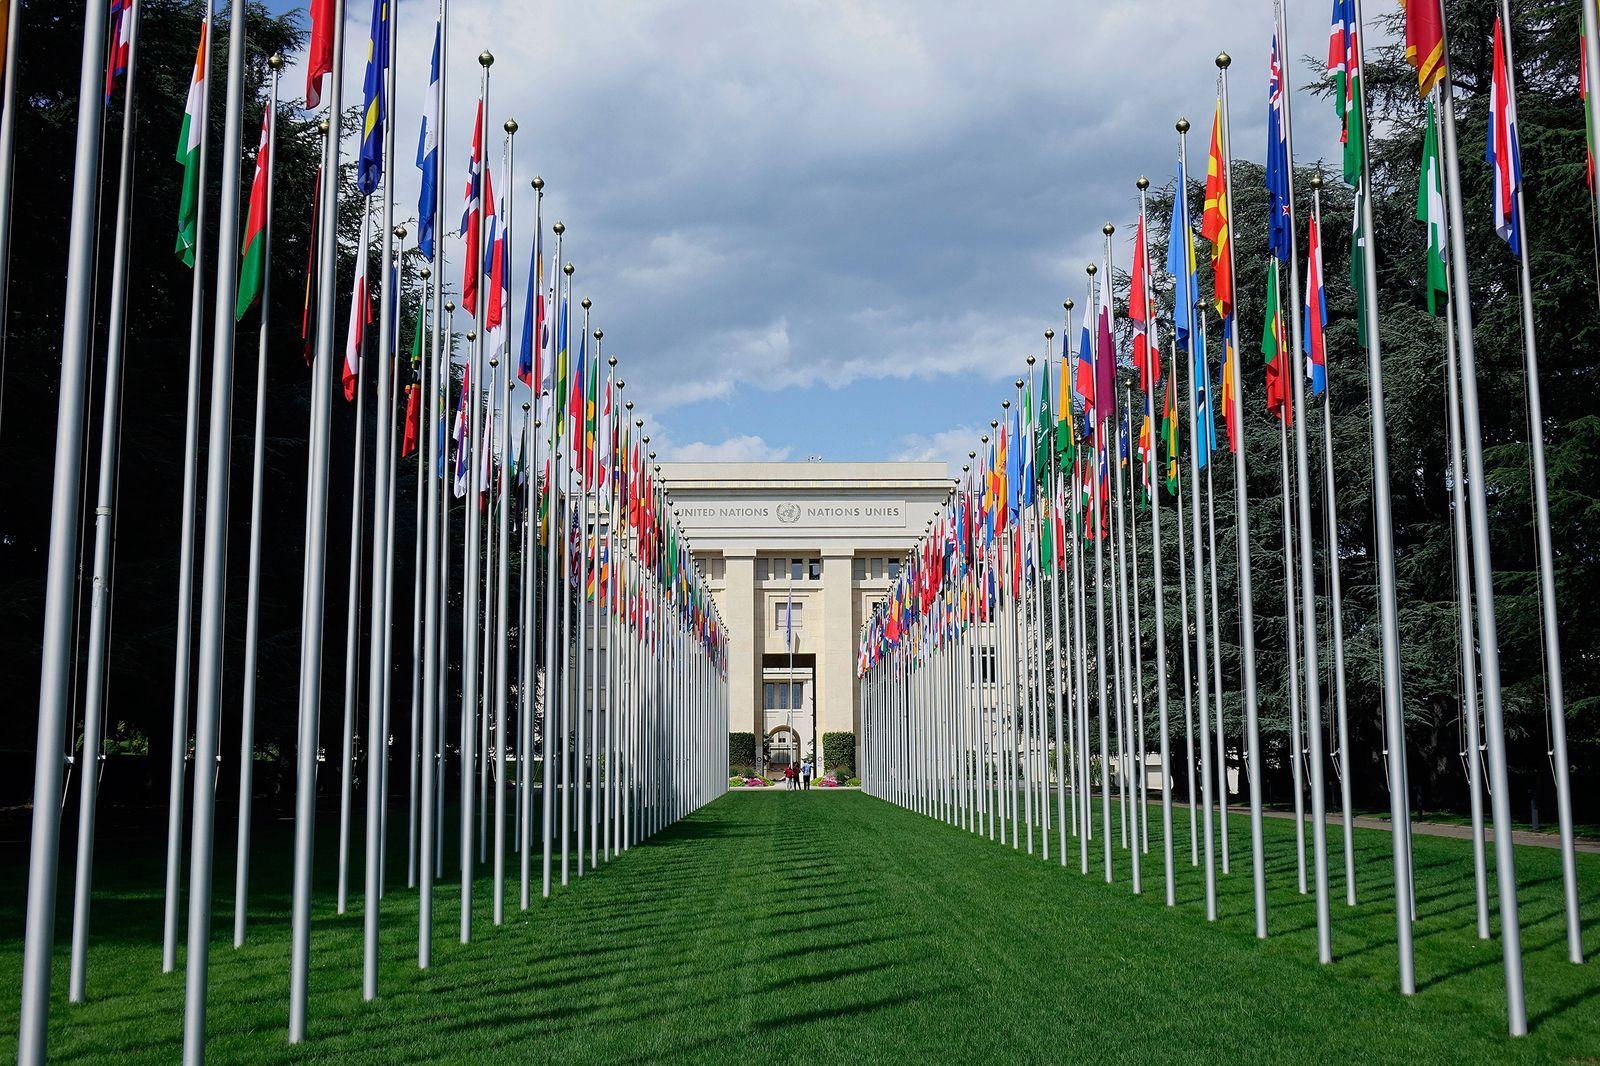 Emblem und Schriftzug der Vereinten Nationen Emblem und Schriftzug der Vereinten Nationen, 02.08.2019. Genf, Ariane-Park